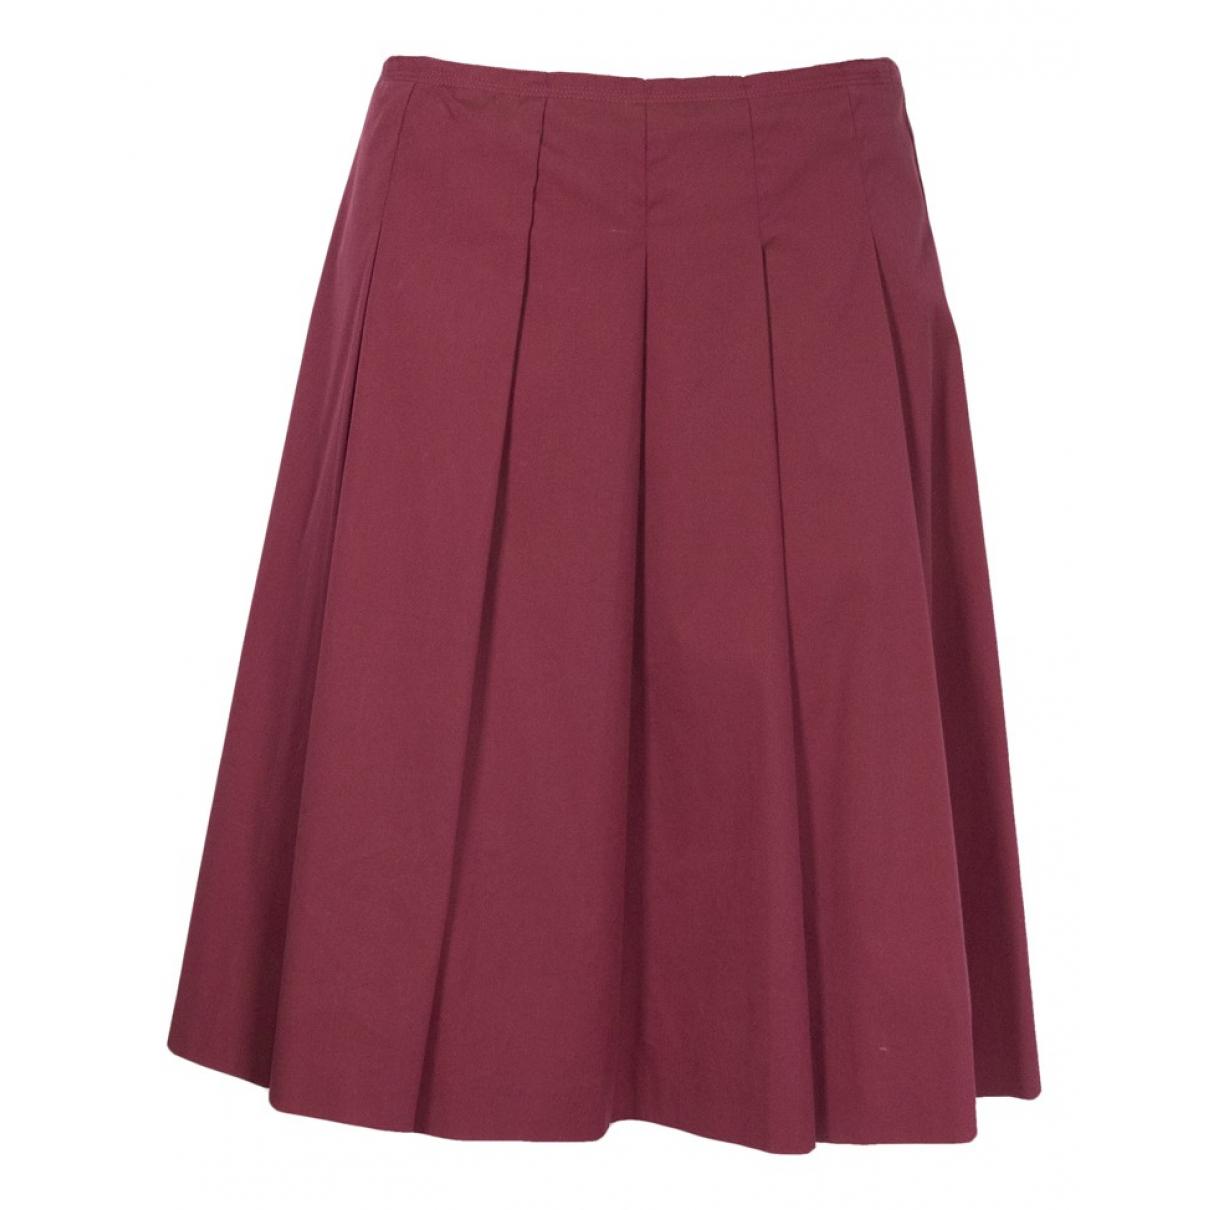 Prada \N Burgundy Cotton skirt for Women 42 IT